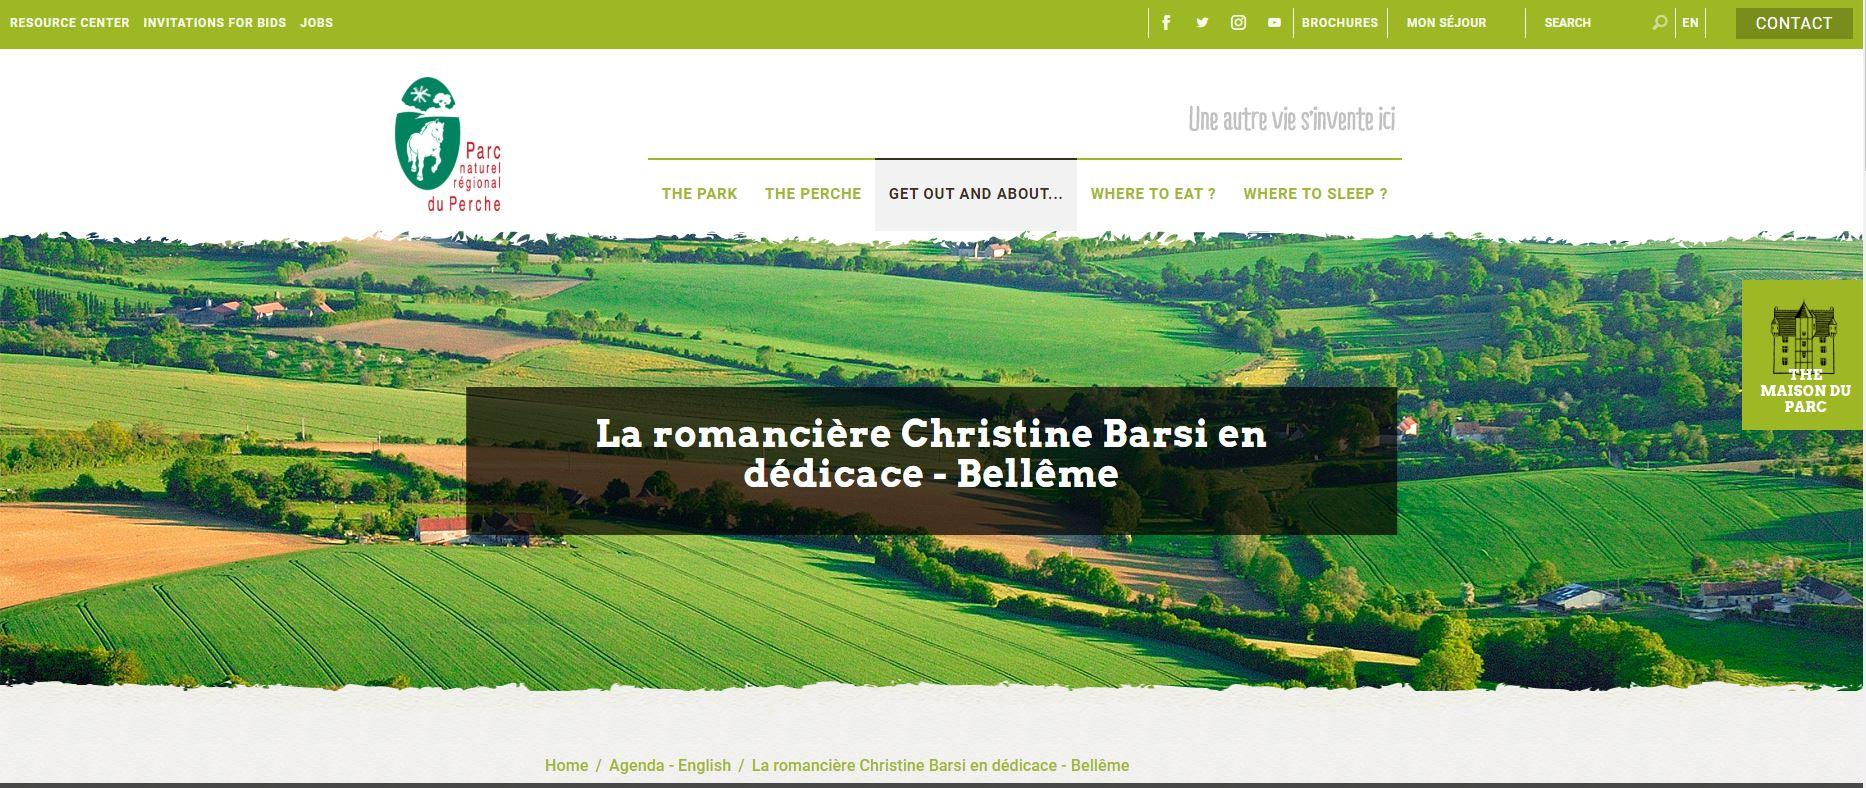 Parc Régional du Perche - La romancière Christine Barsi juillet 2020